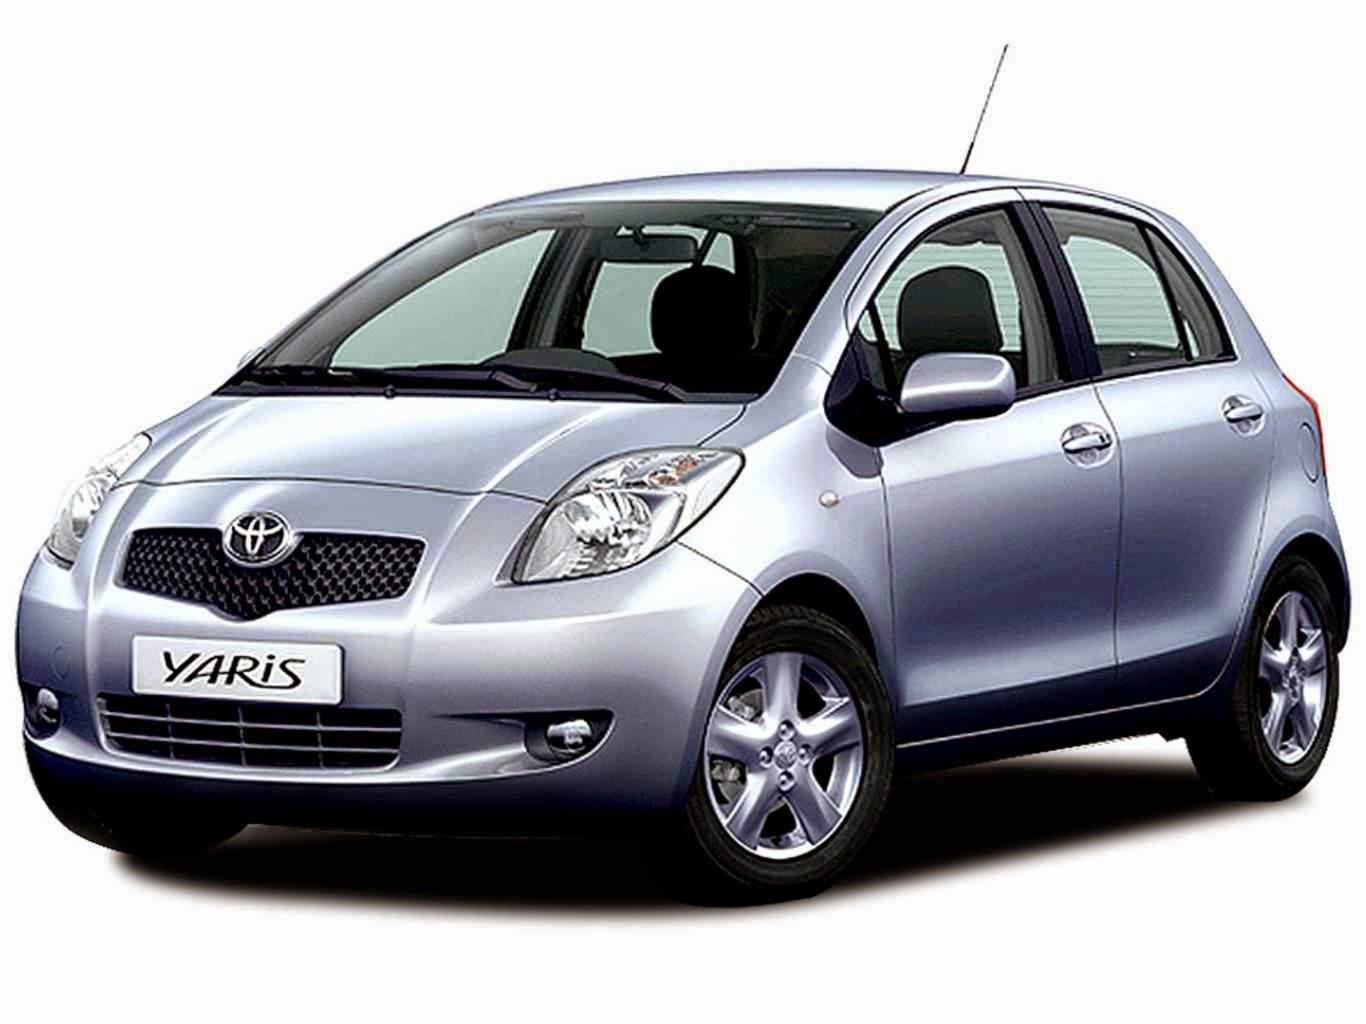 Sewa Toyota Yaris Semarang: Rp 350.000